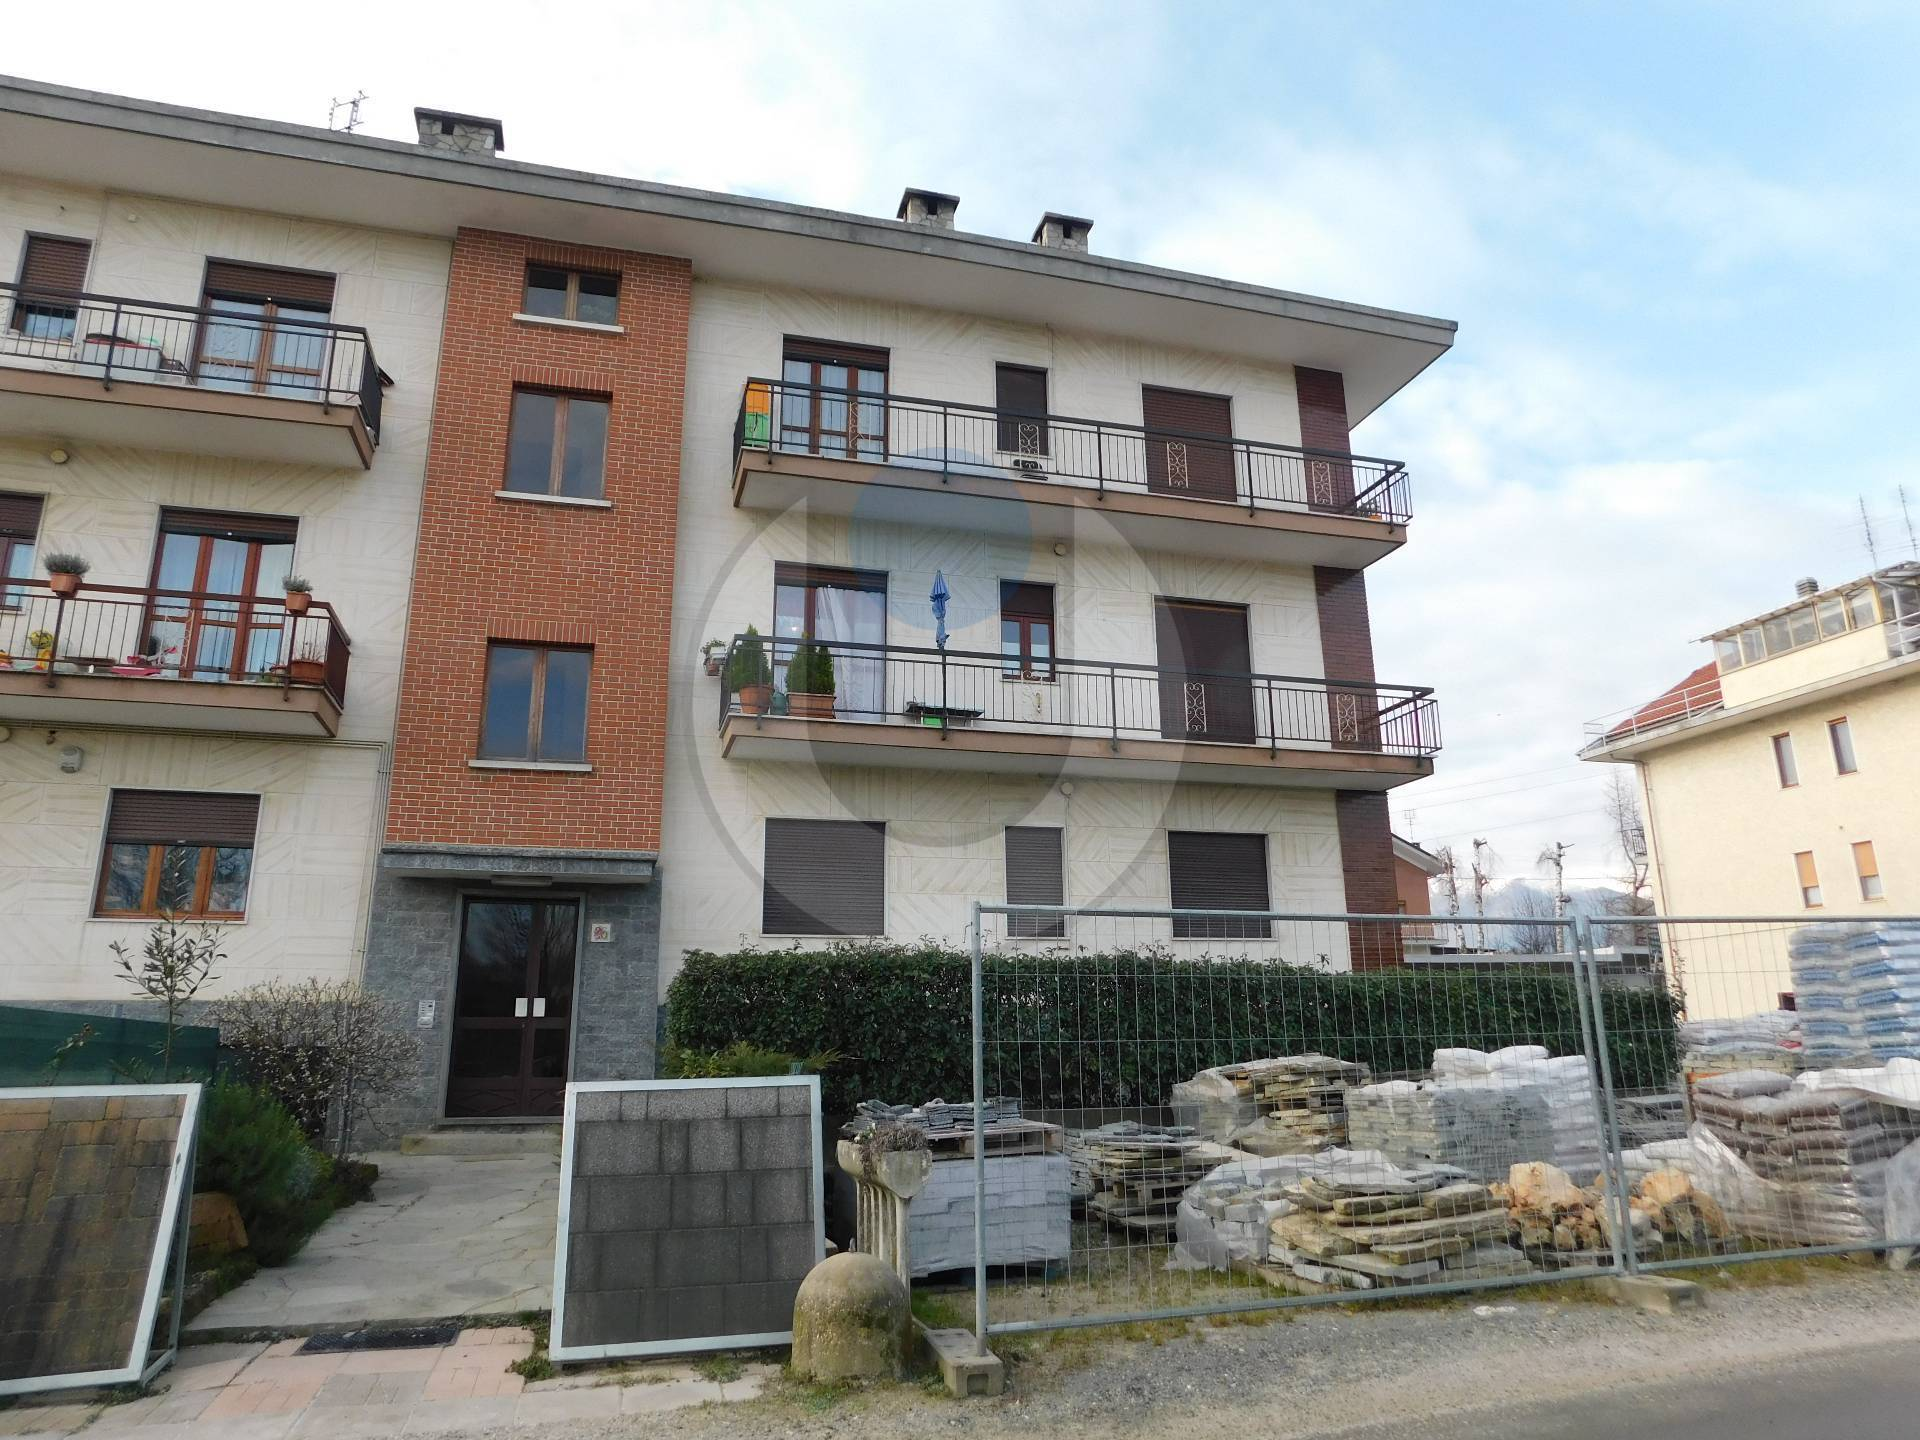 Appartamento in affitto a Giaveno, 5 locali, zona Località: Periferica, prezzo € 420 | PortaleAgenzieImmobiliari.it